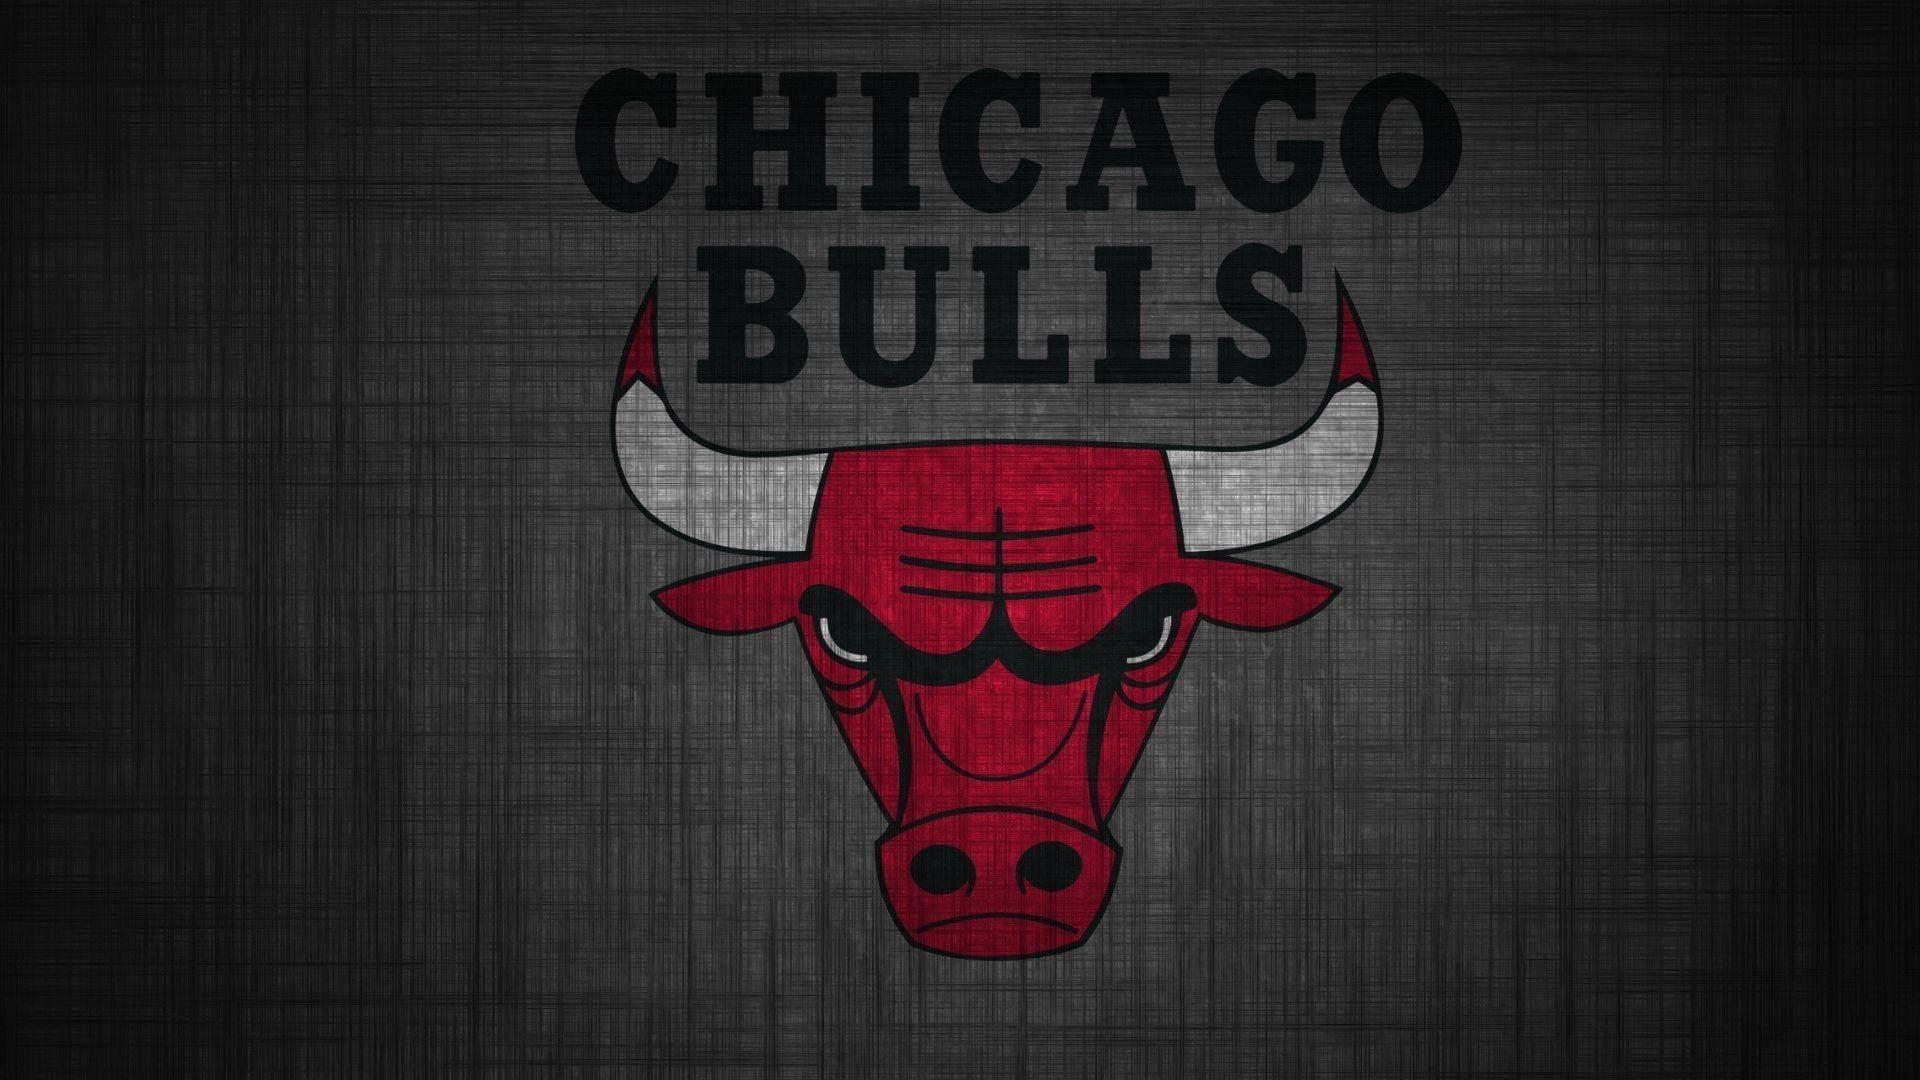 Hd Desktop Wallpaper Chicago Bulls 2021 Basketball Wallpaper Chicago Bulls Logo Chicago Bulls Chicago